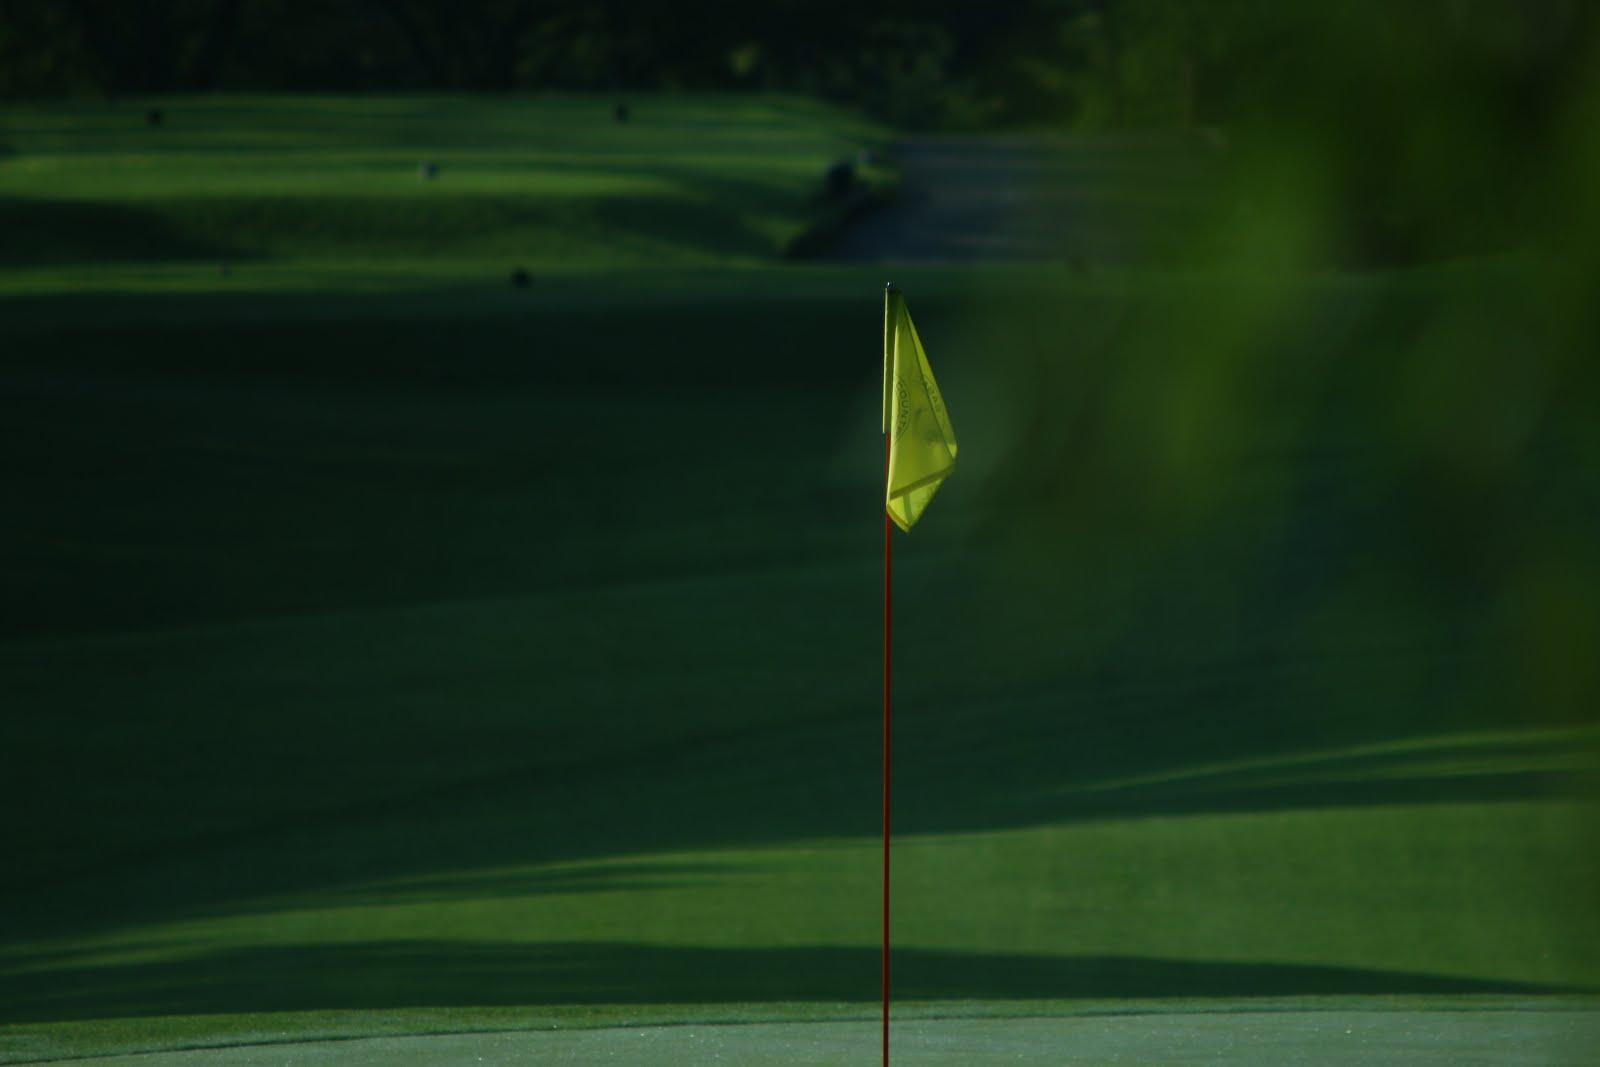 ゴルフcaféスイング分析